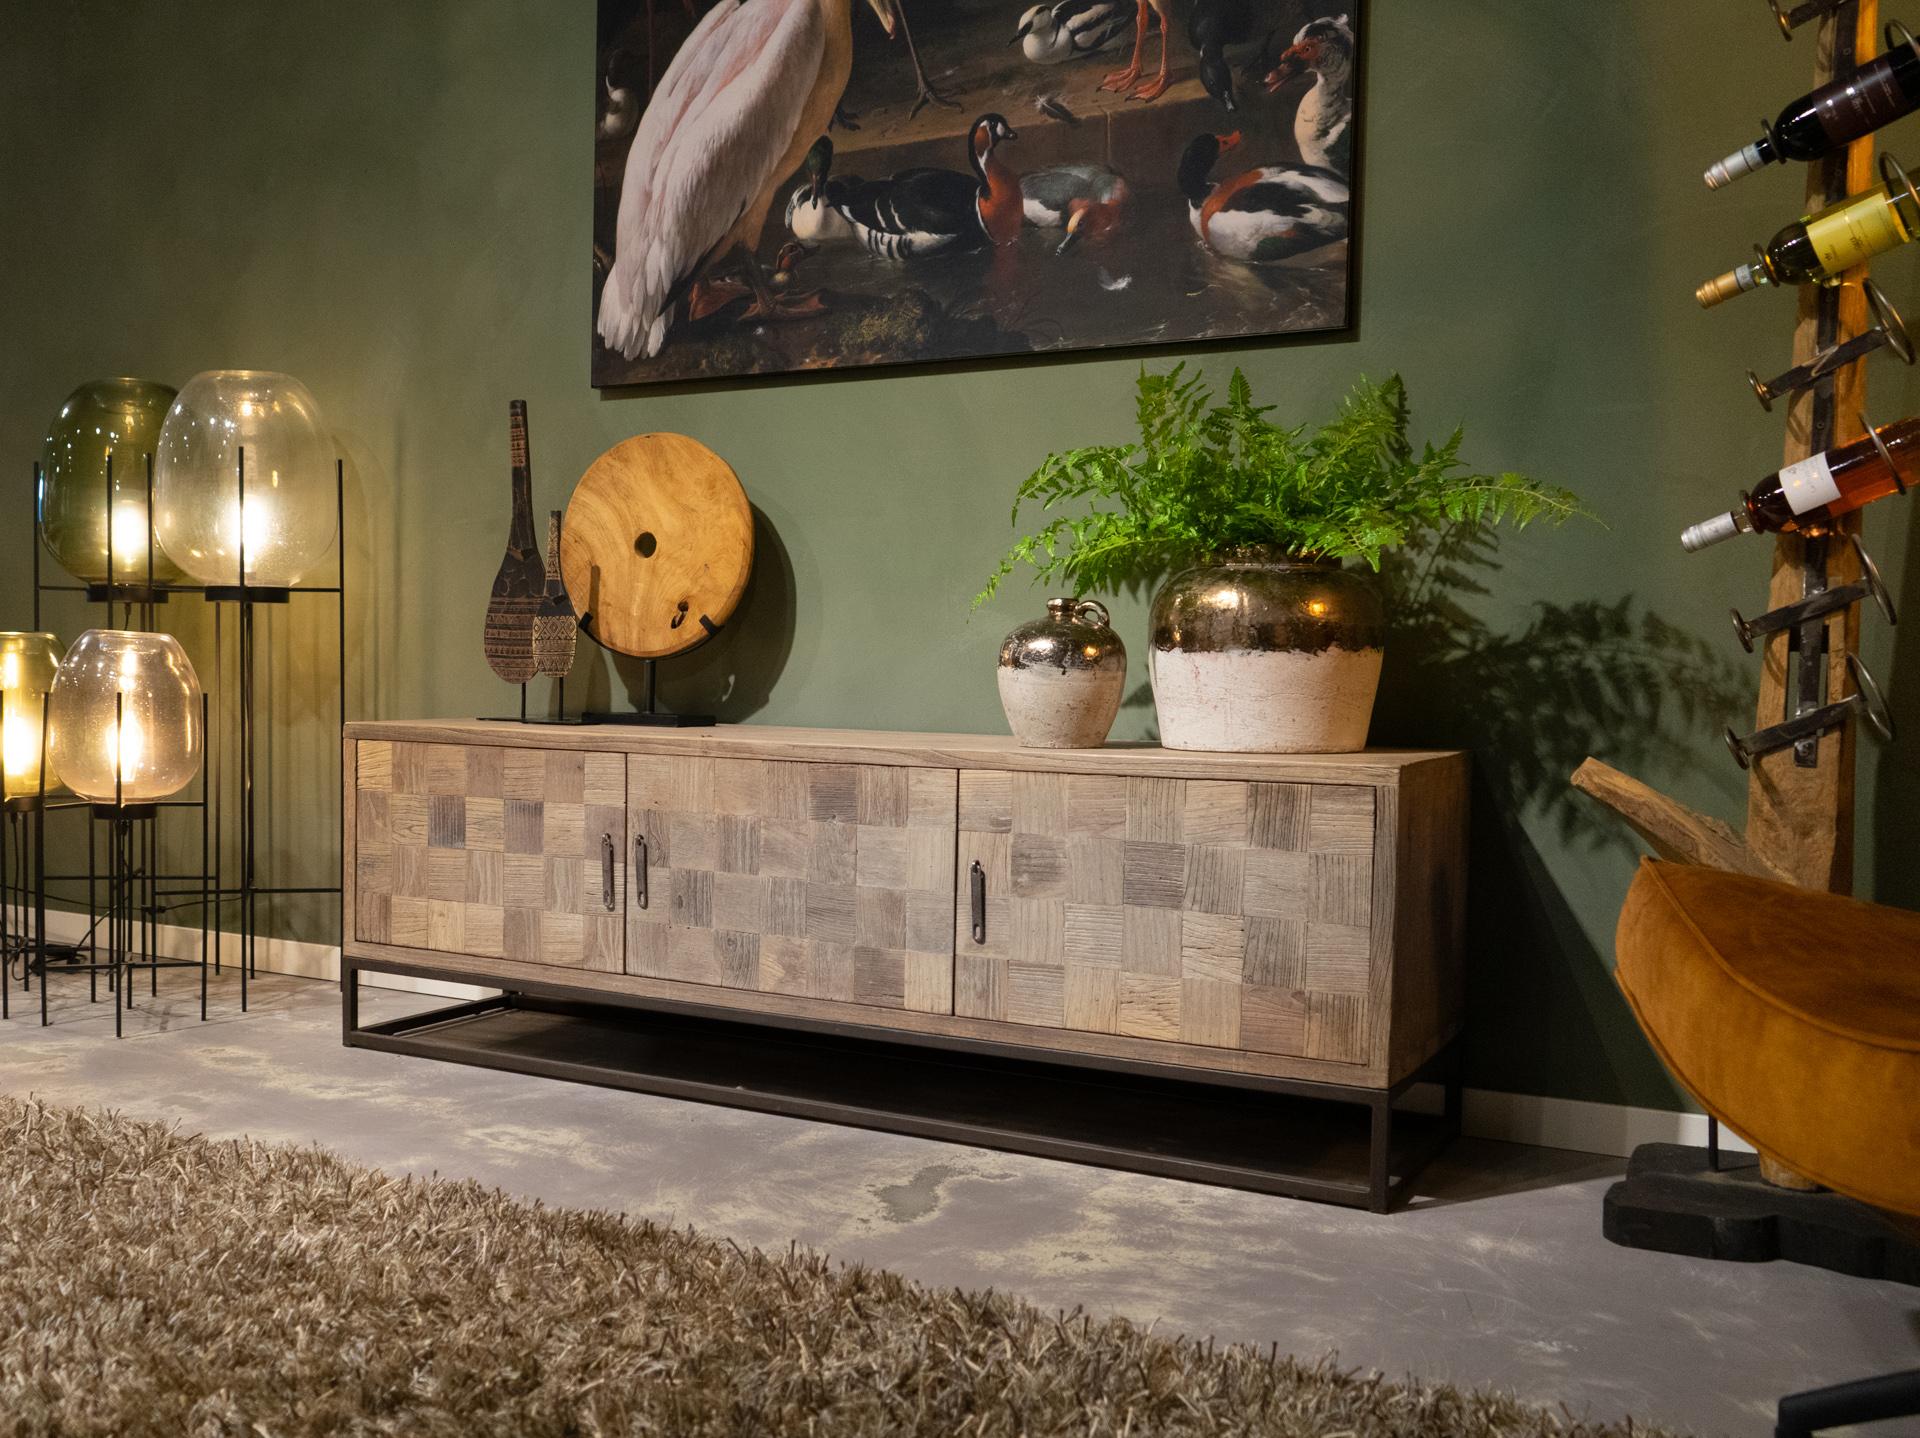 Tv meubel met houtinleg